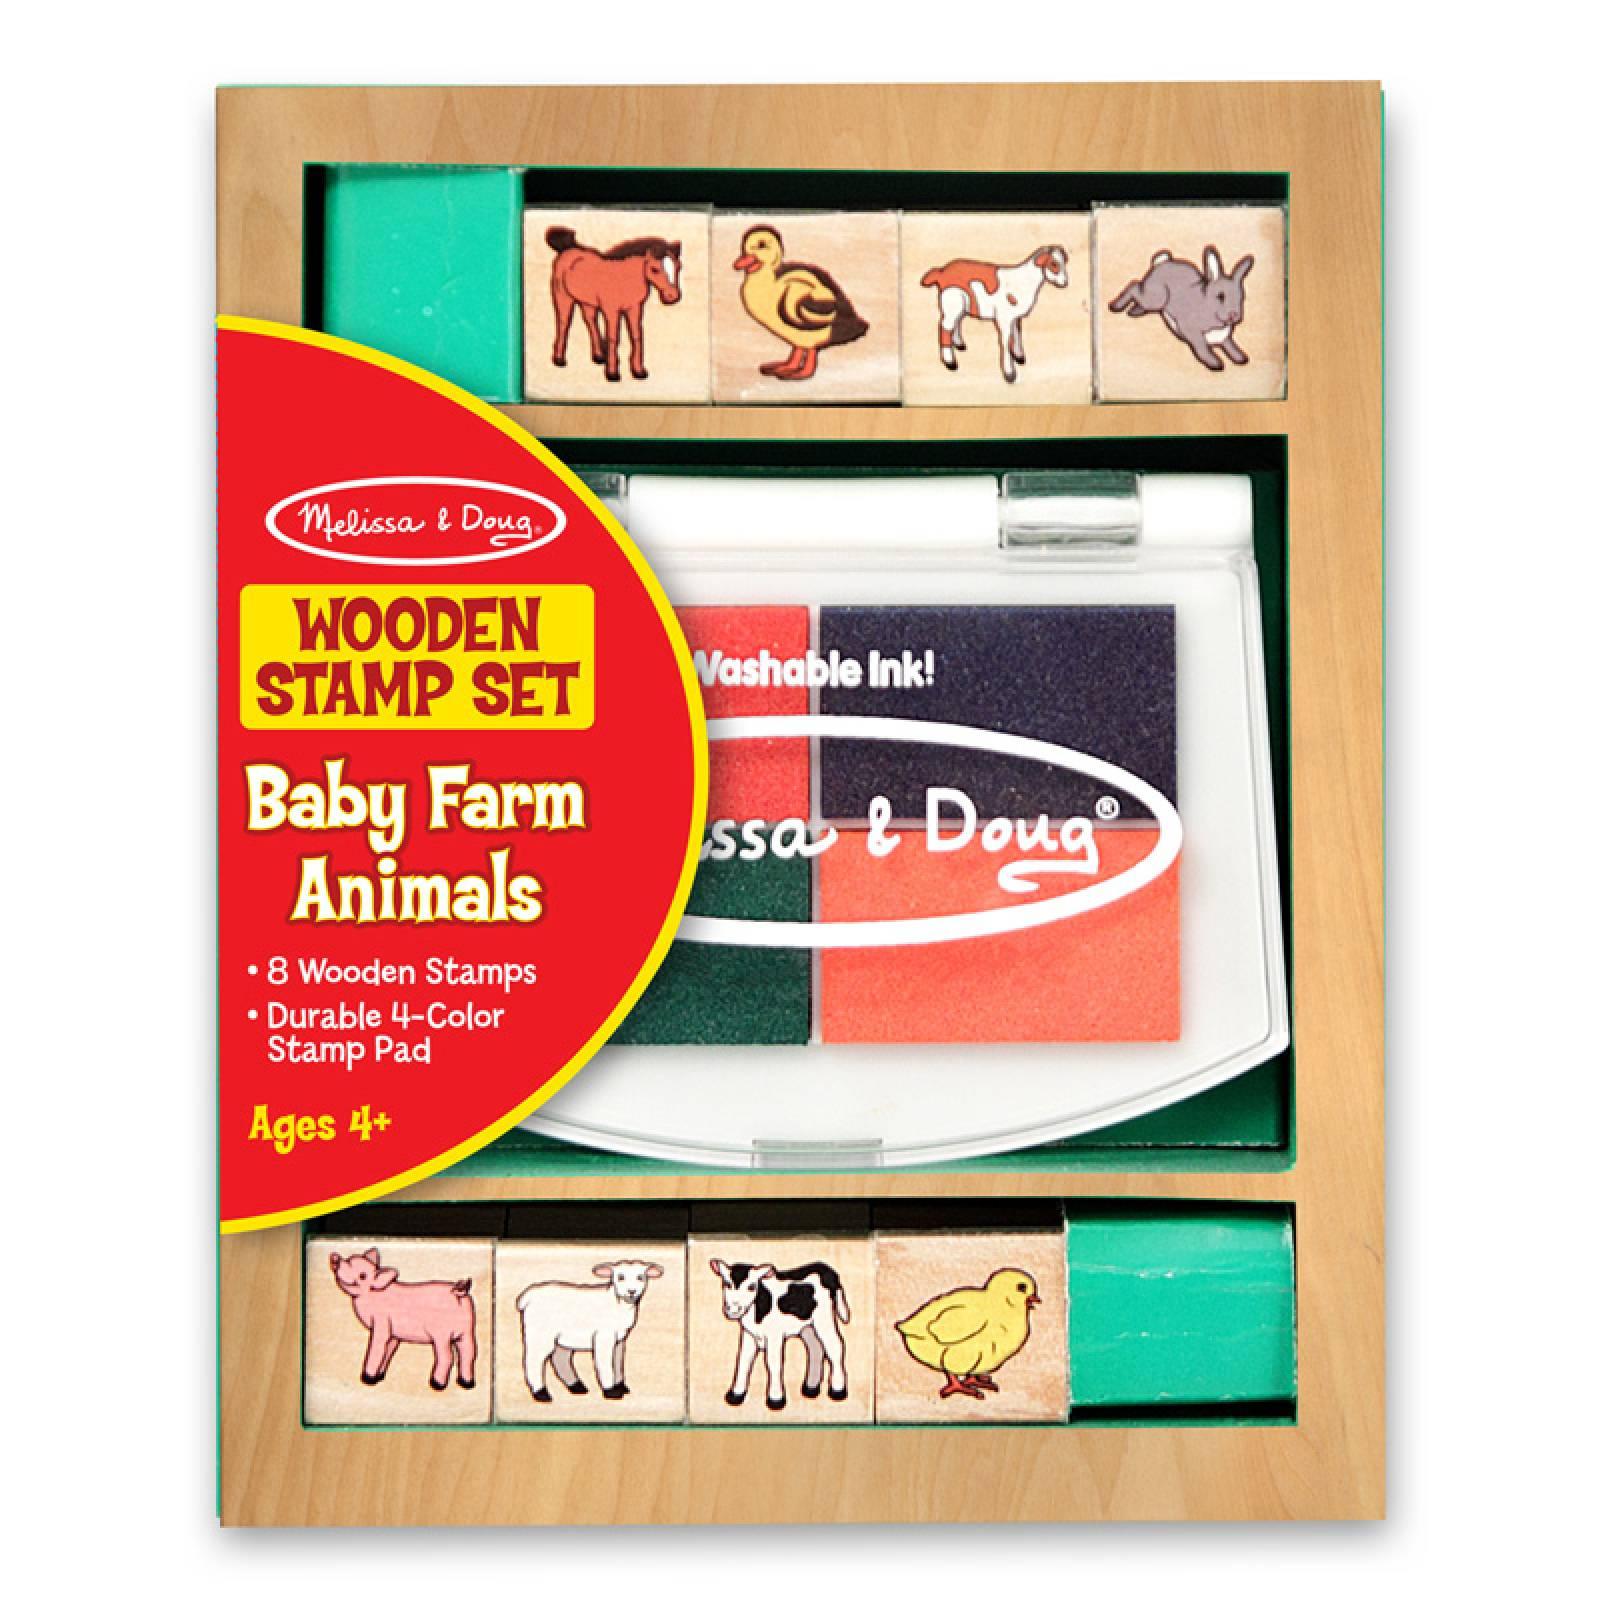 Wooden Stamp Set - Baby Farm Animals 4+